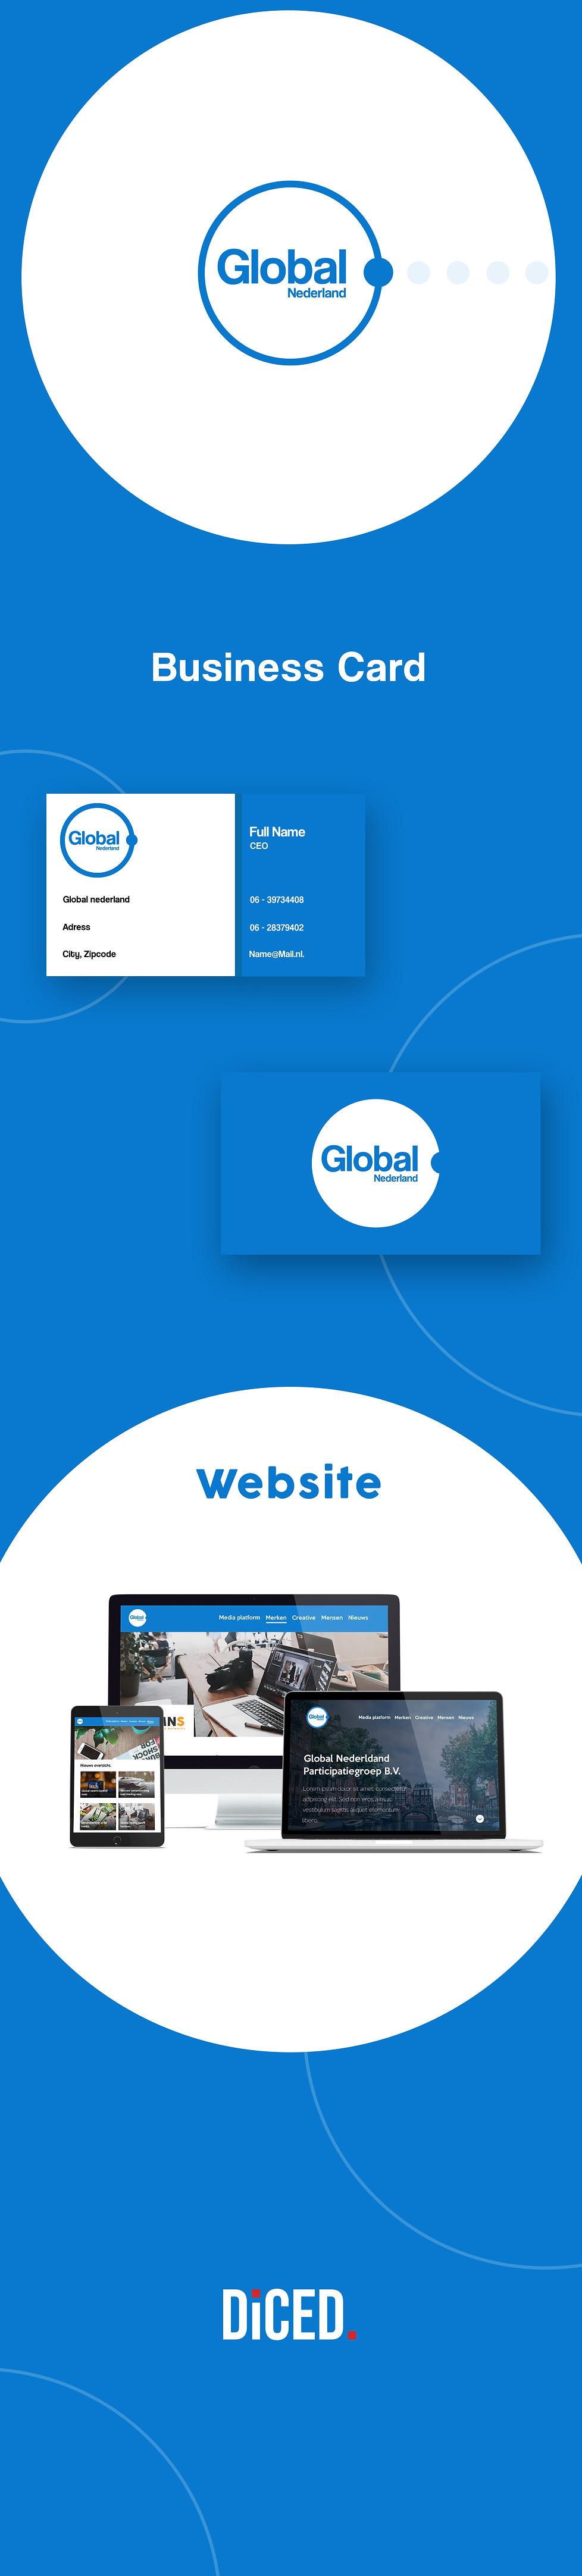 Global-behance.jpg